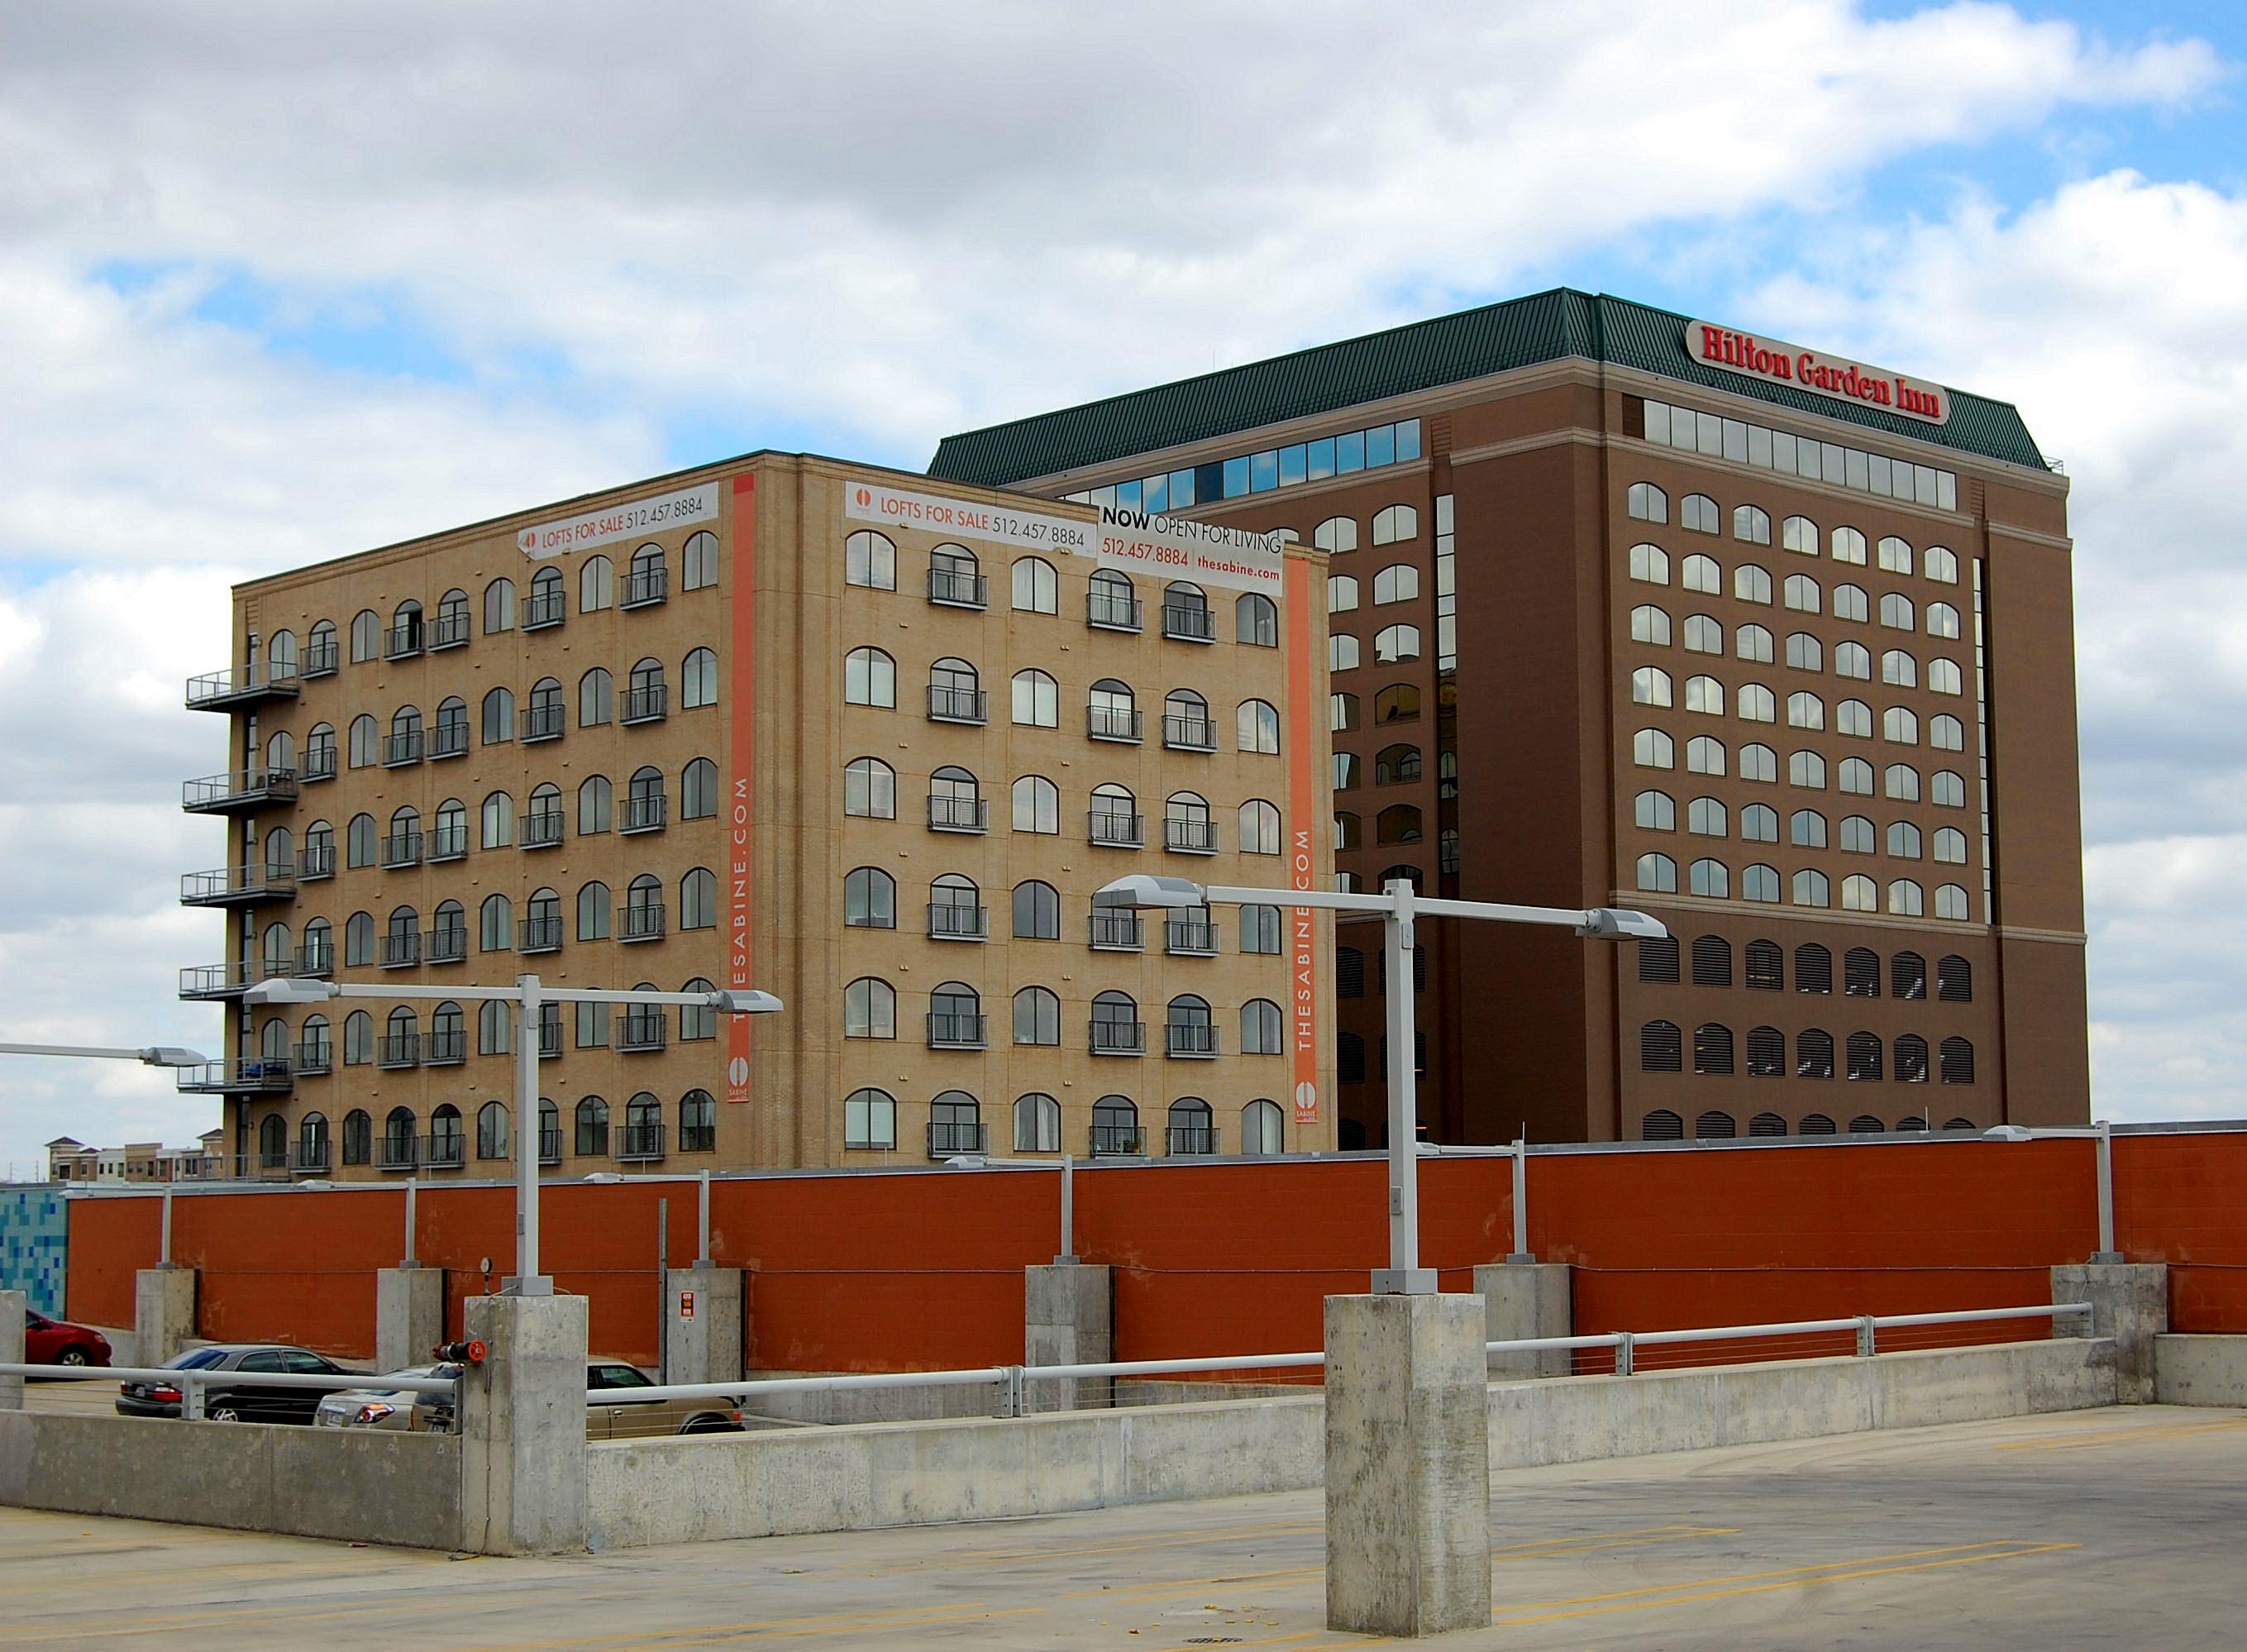 File:HiltonGardenInnAustin-Feb2009.JPG - Wikimedia Commons